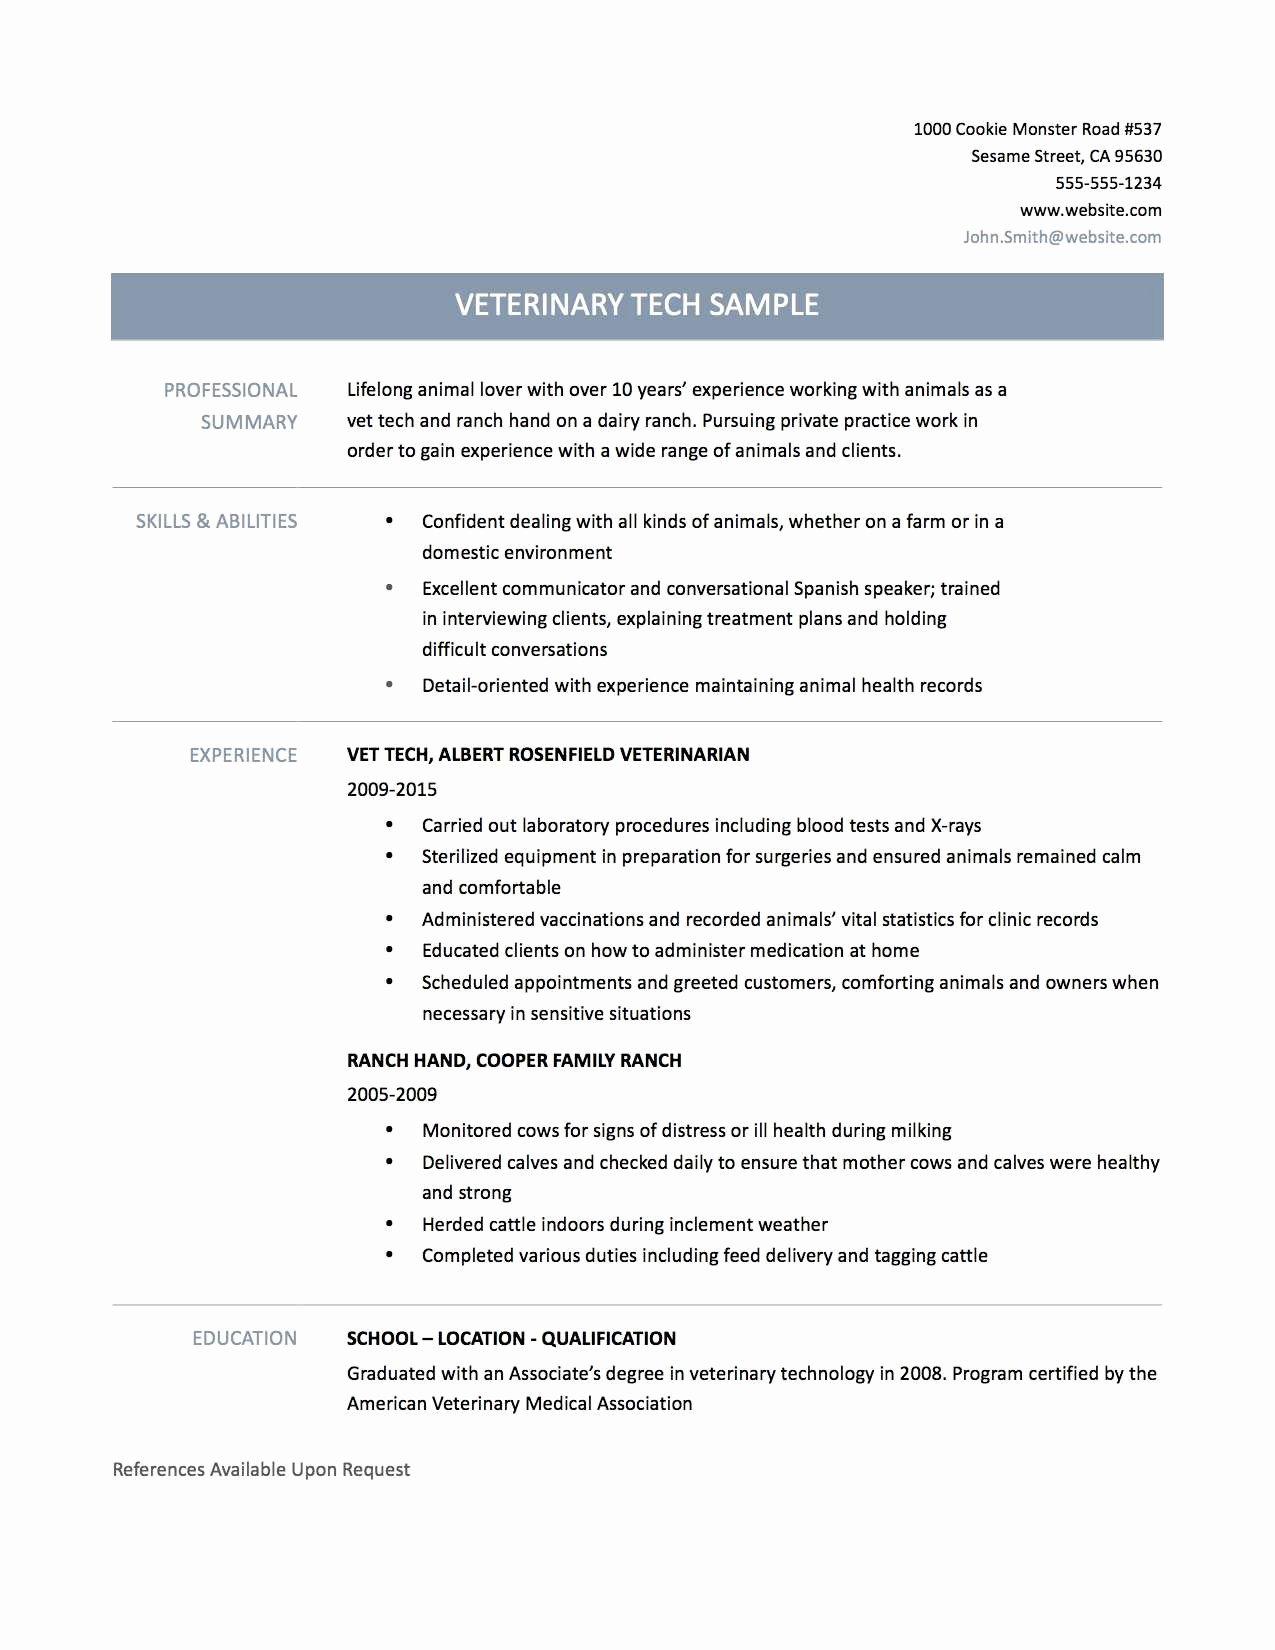 puter repair technician resume now login build free resume login